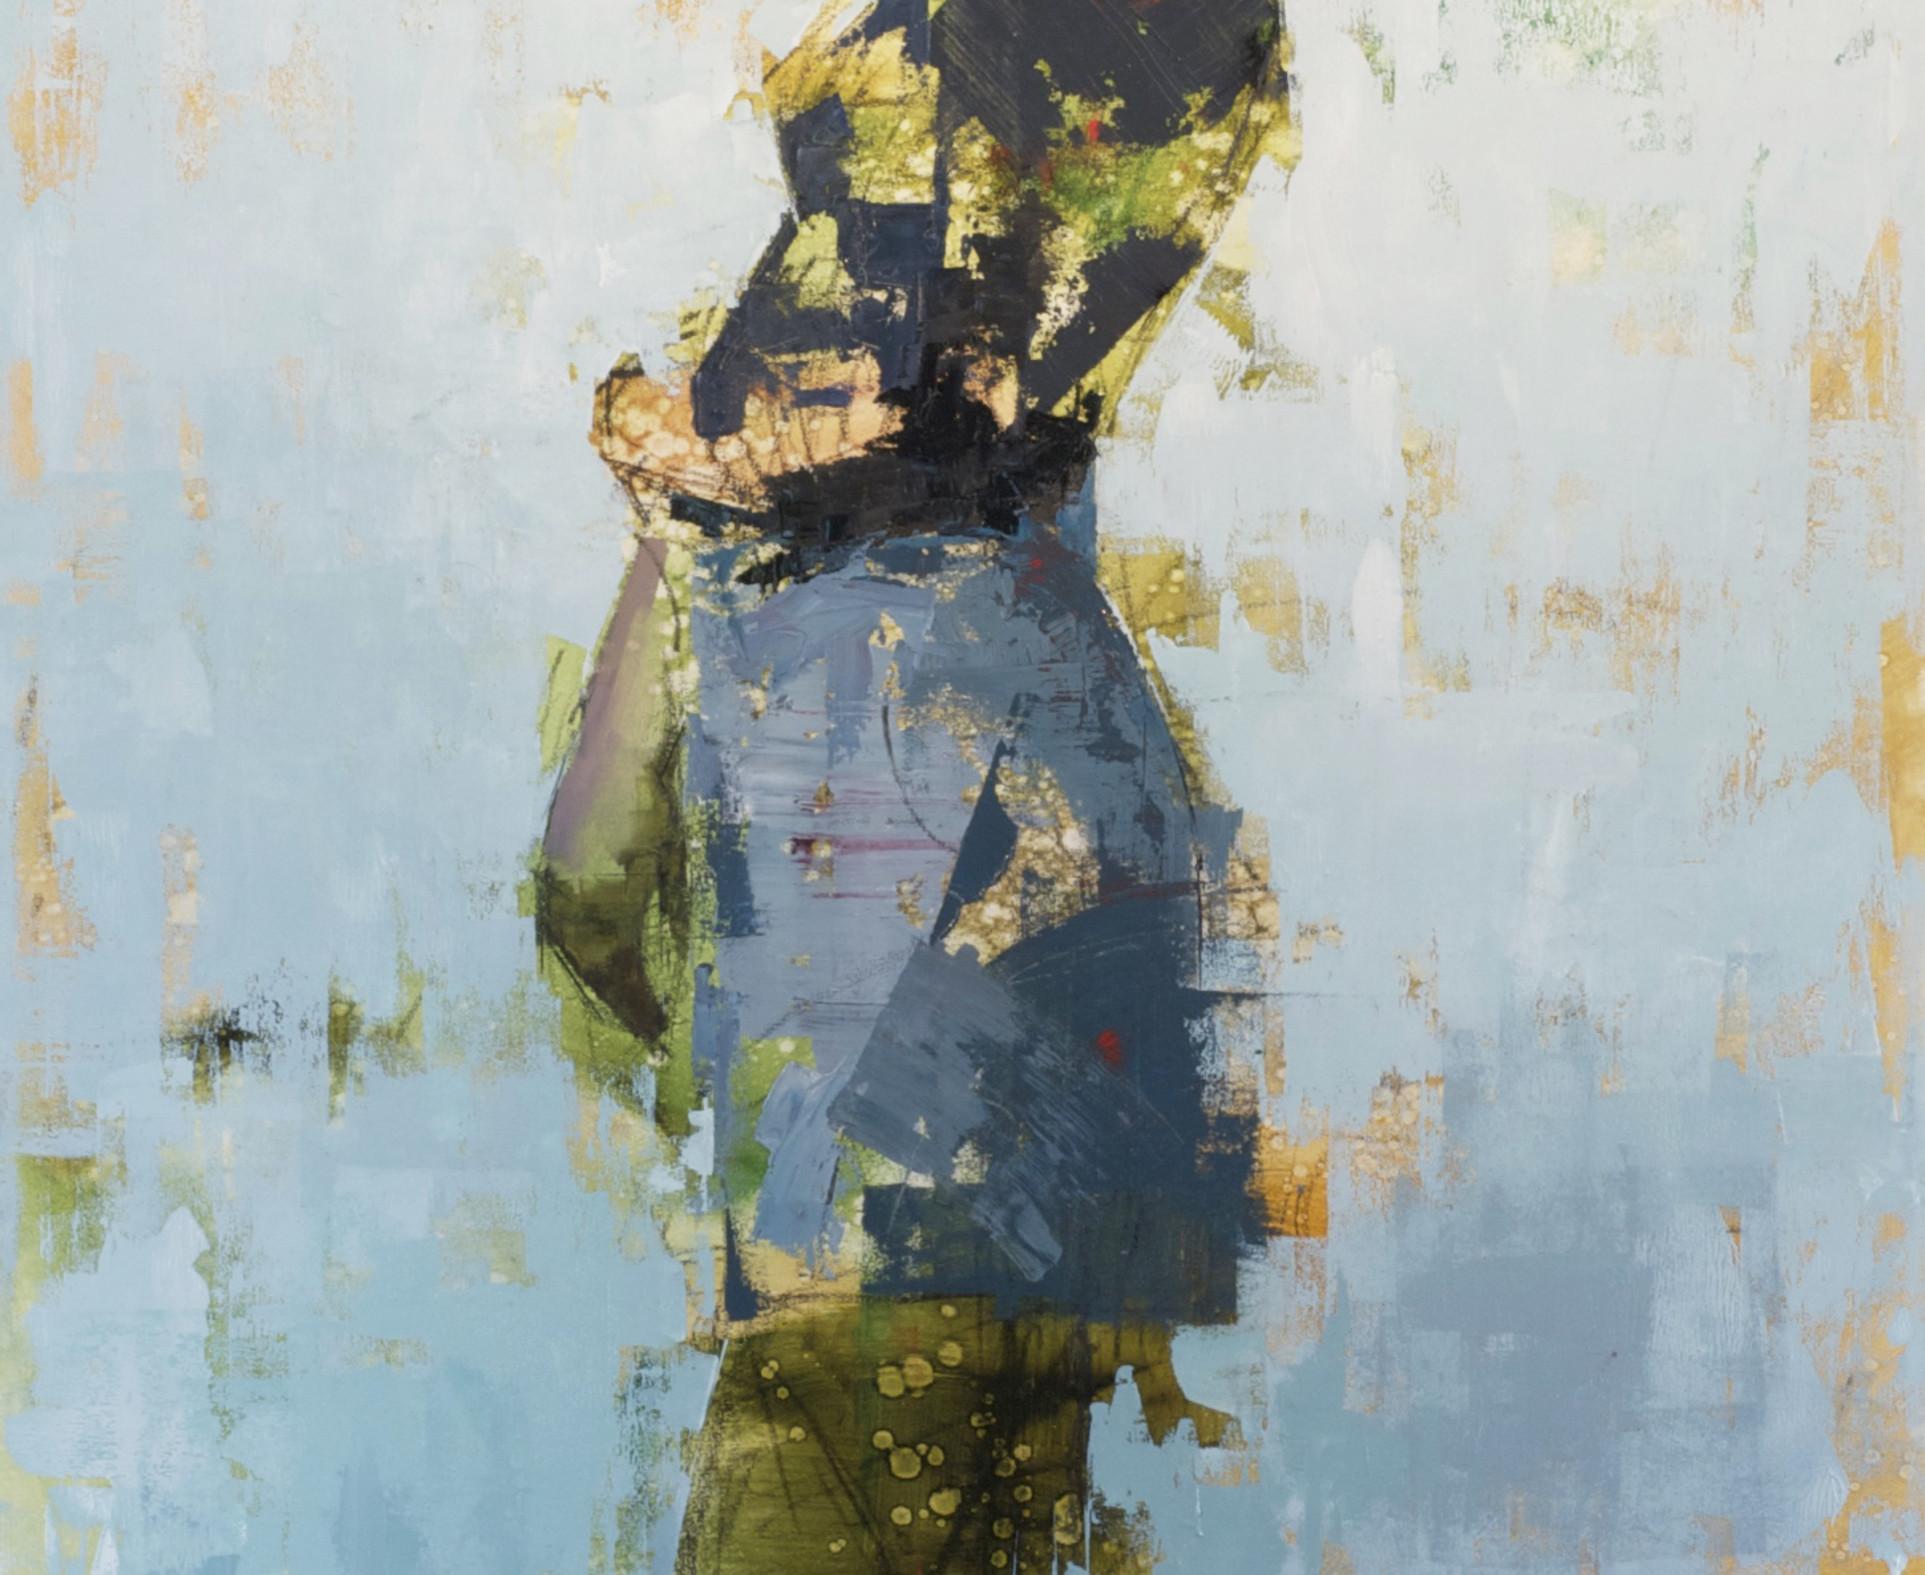 John Wentz, Imprint No. 25, 2015